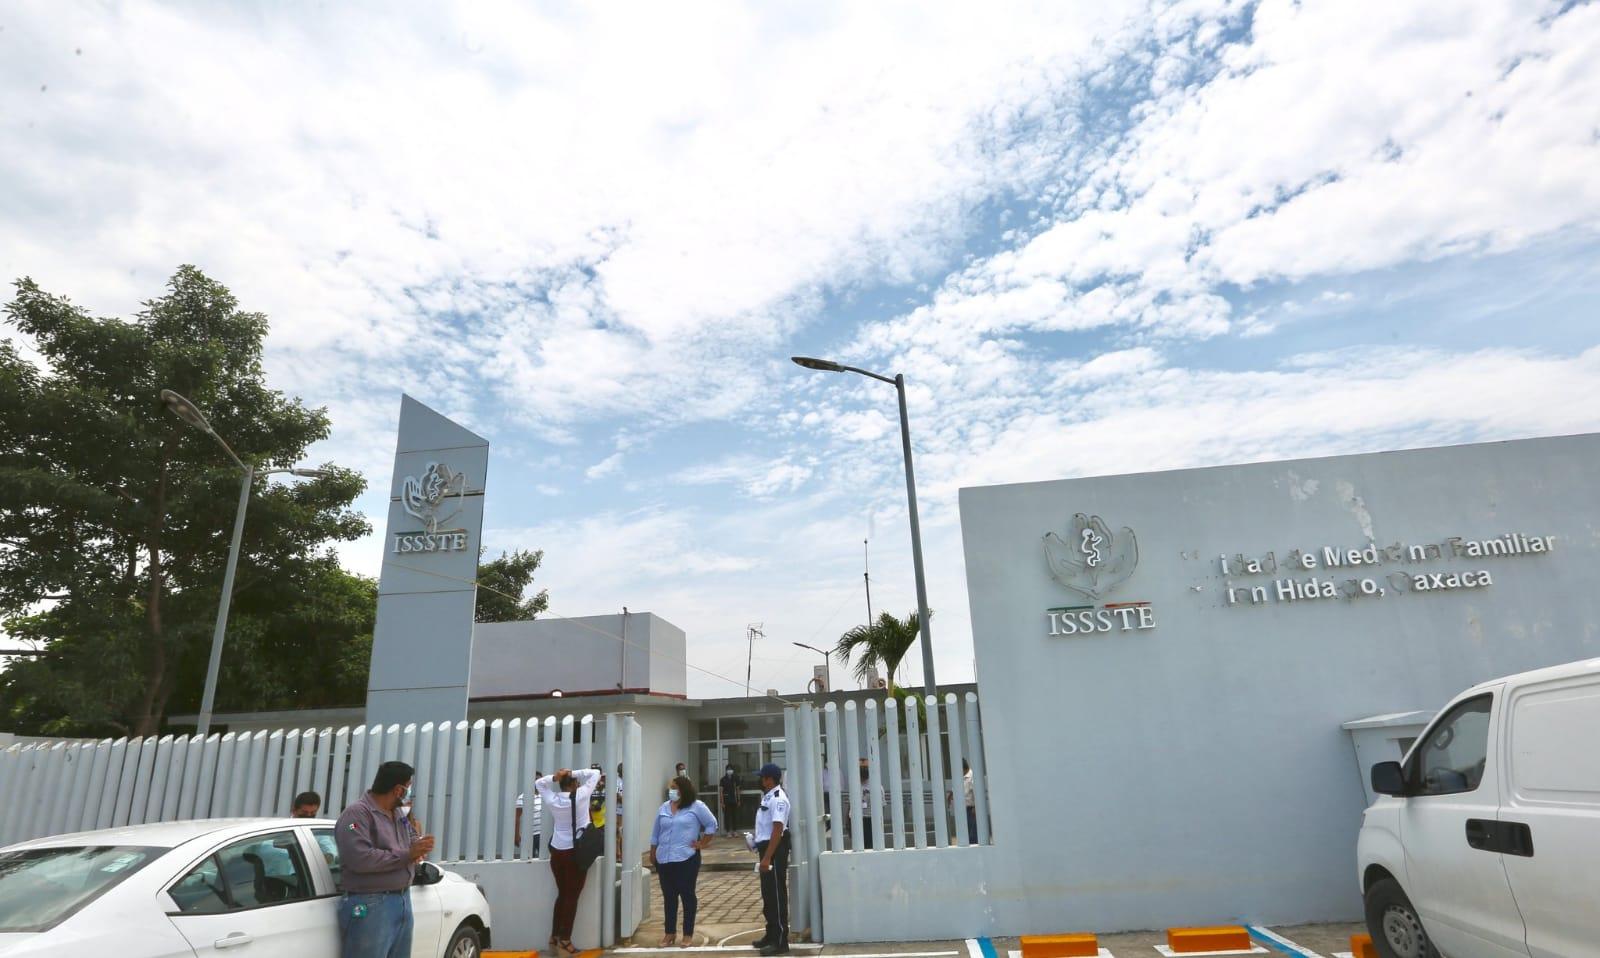 Director del ISSSTE se compromete a rescatar clínica abandonada en Unión Hidalgo, Oaxaca